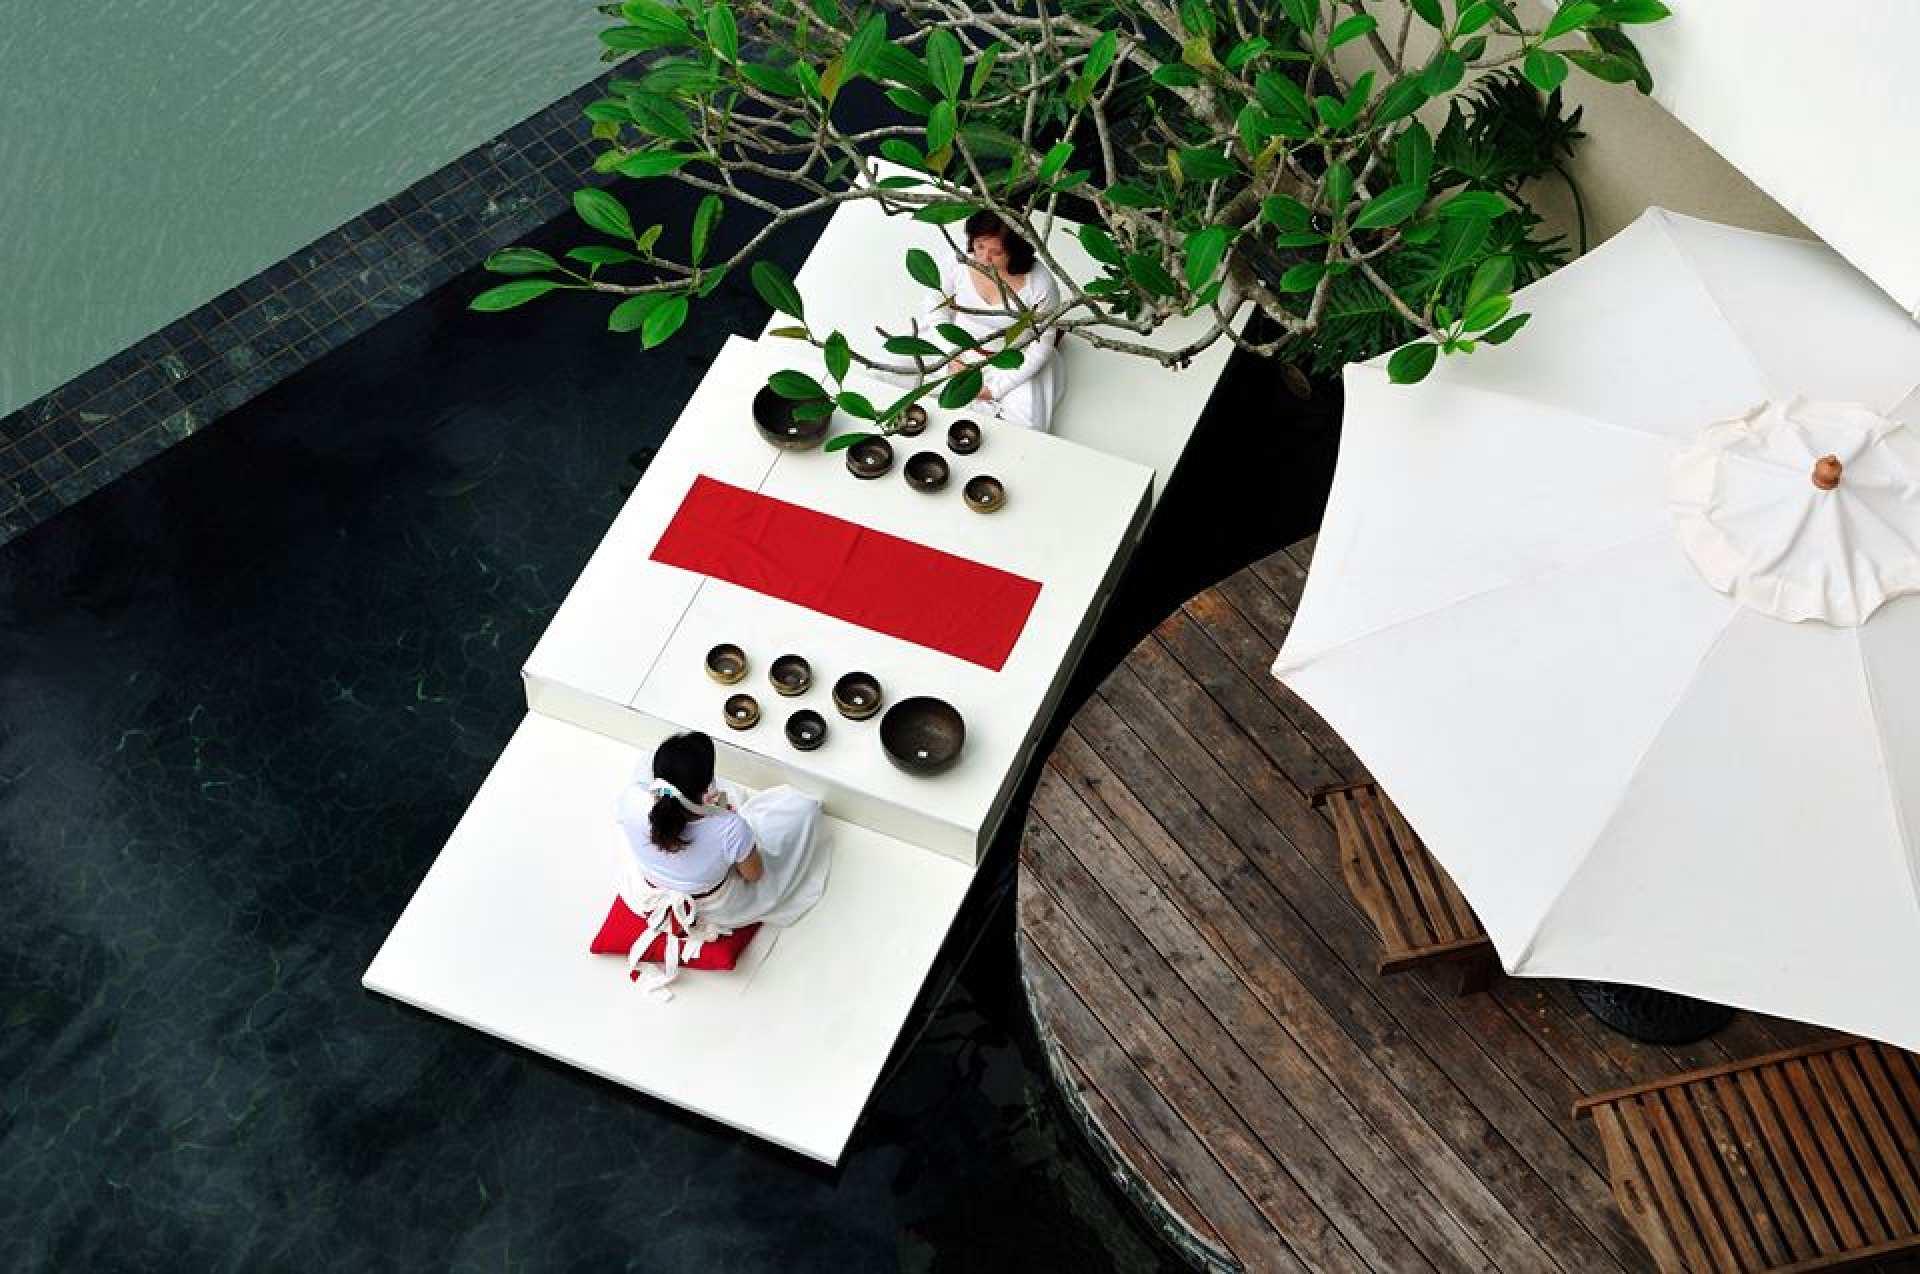 【台北・烏来】ヴォランドウーライ:個室温泉+お食事 / アフタヌーンティー(ペア2名様)